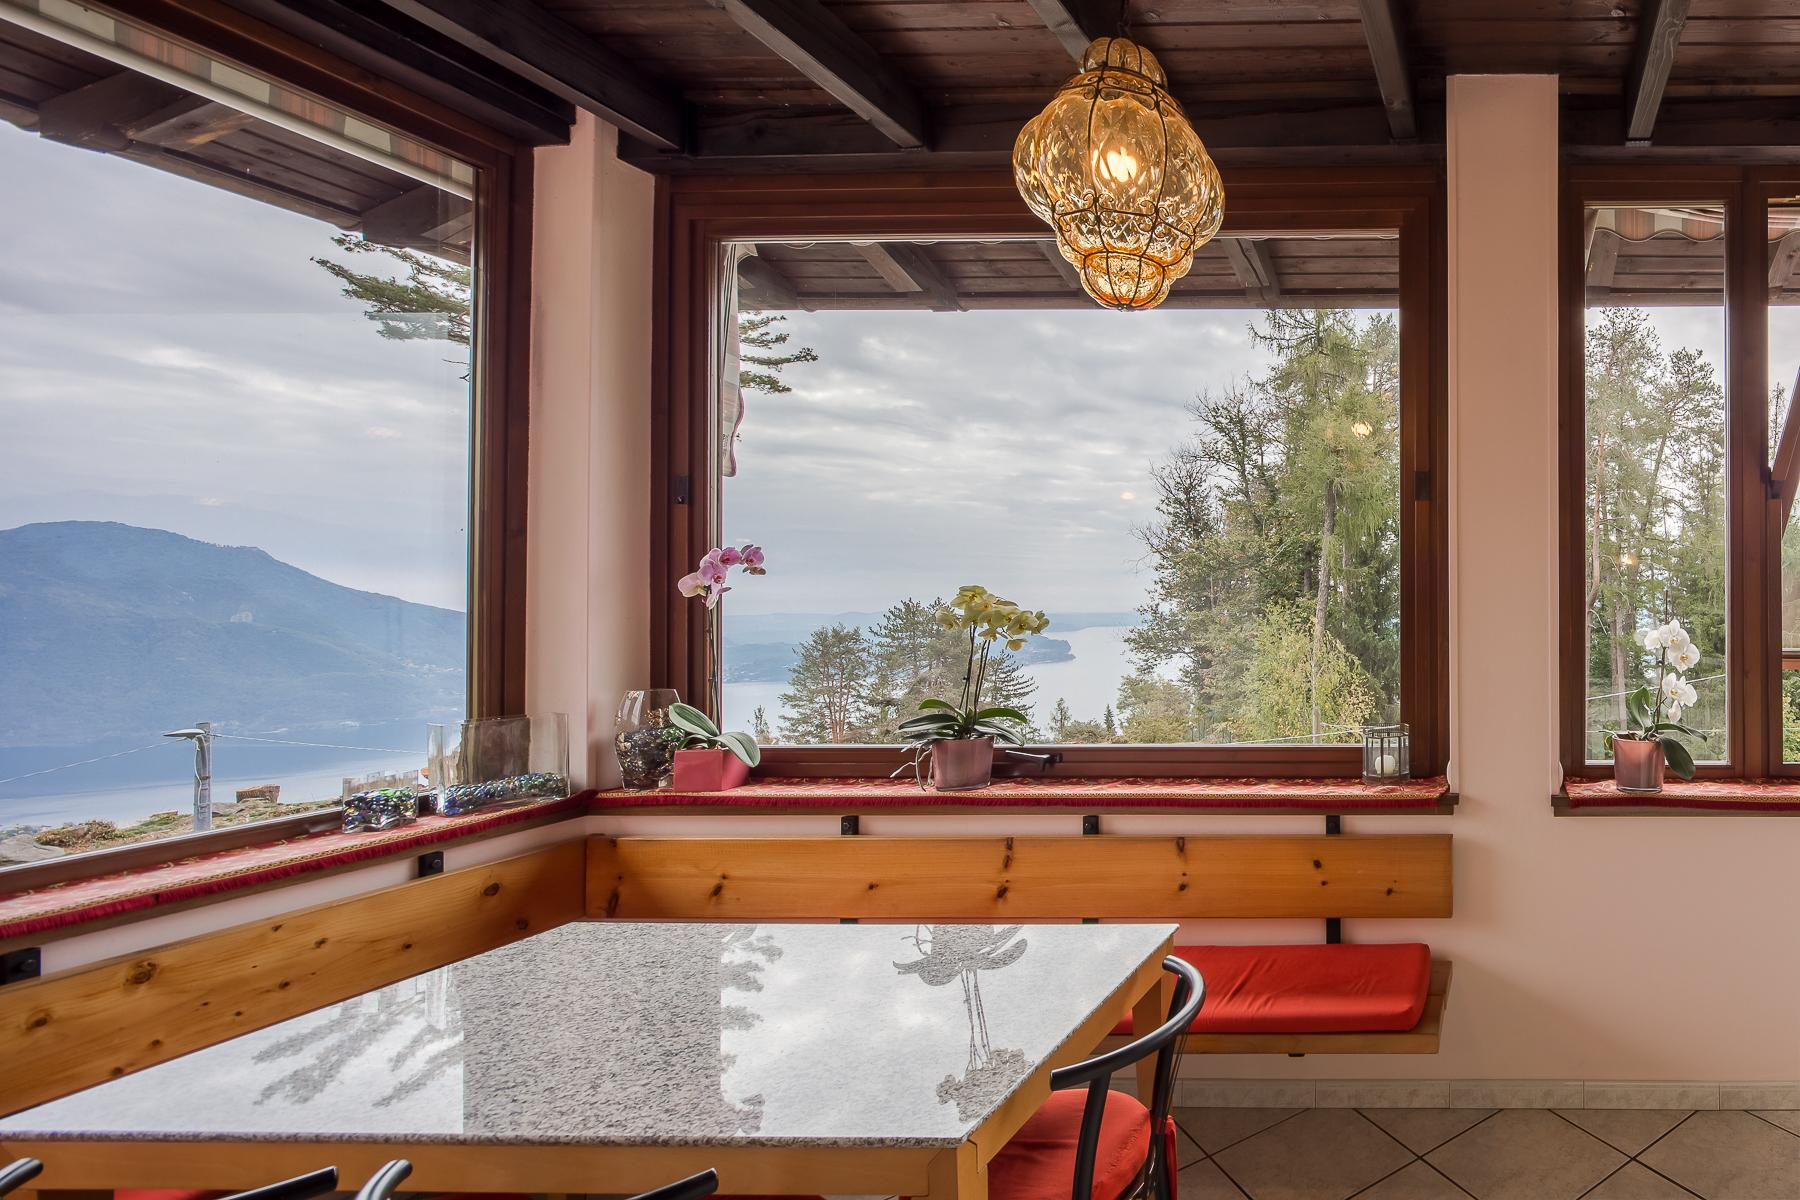 Villa unifamiliare nella zona collinare di Verbania con vista magnifica sul lago - 2